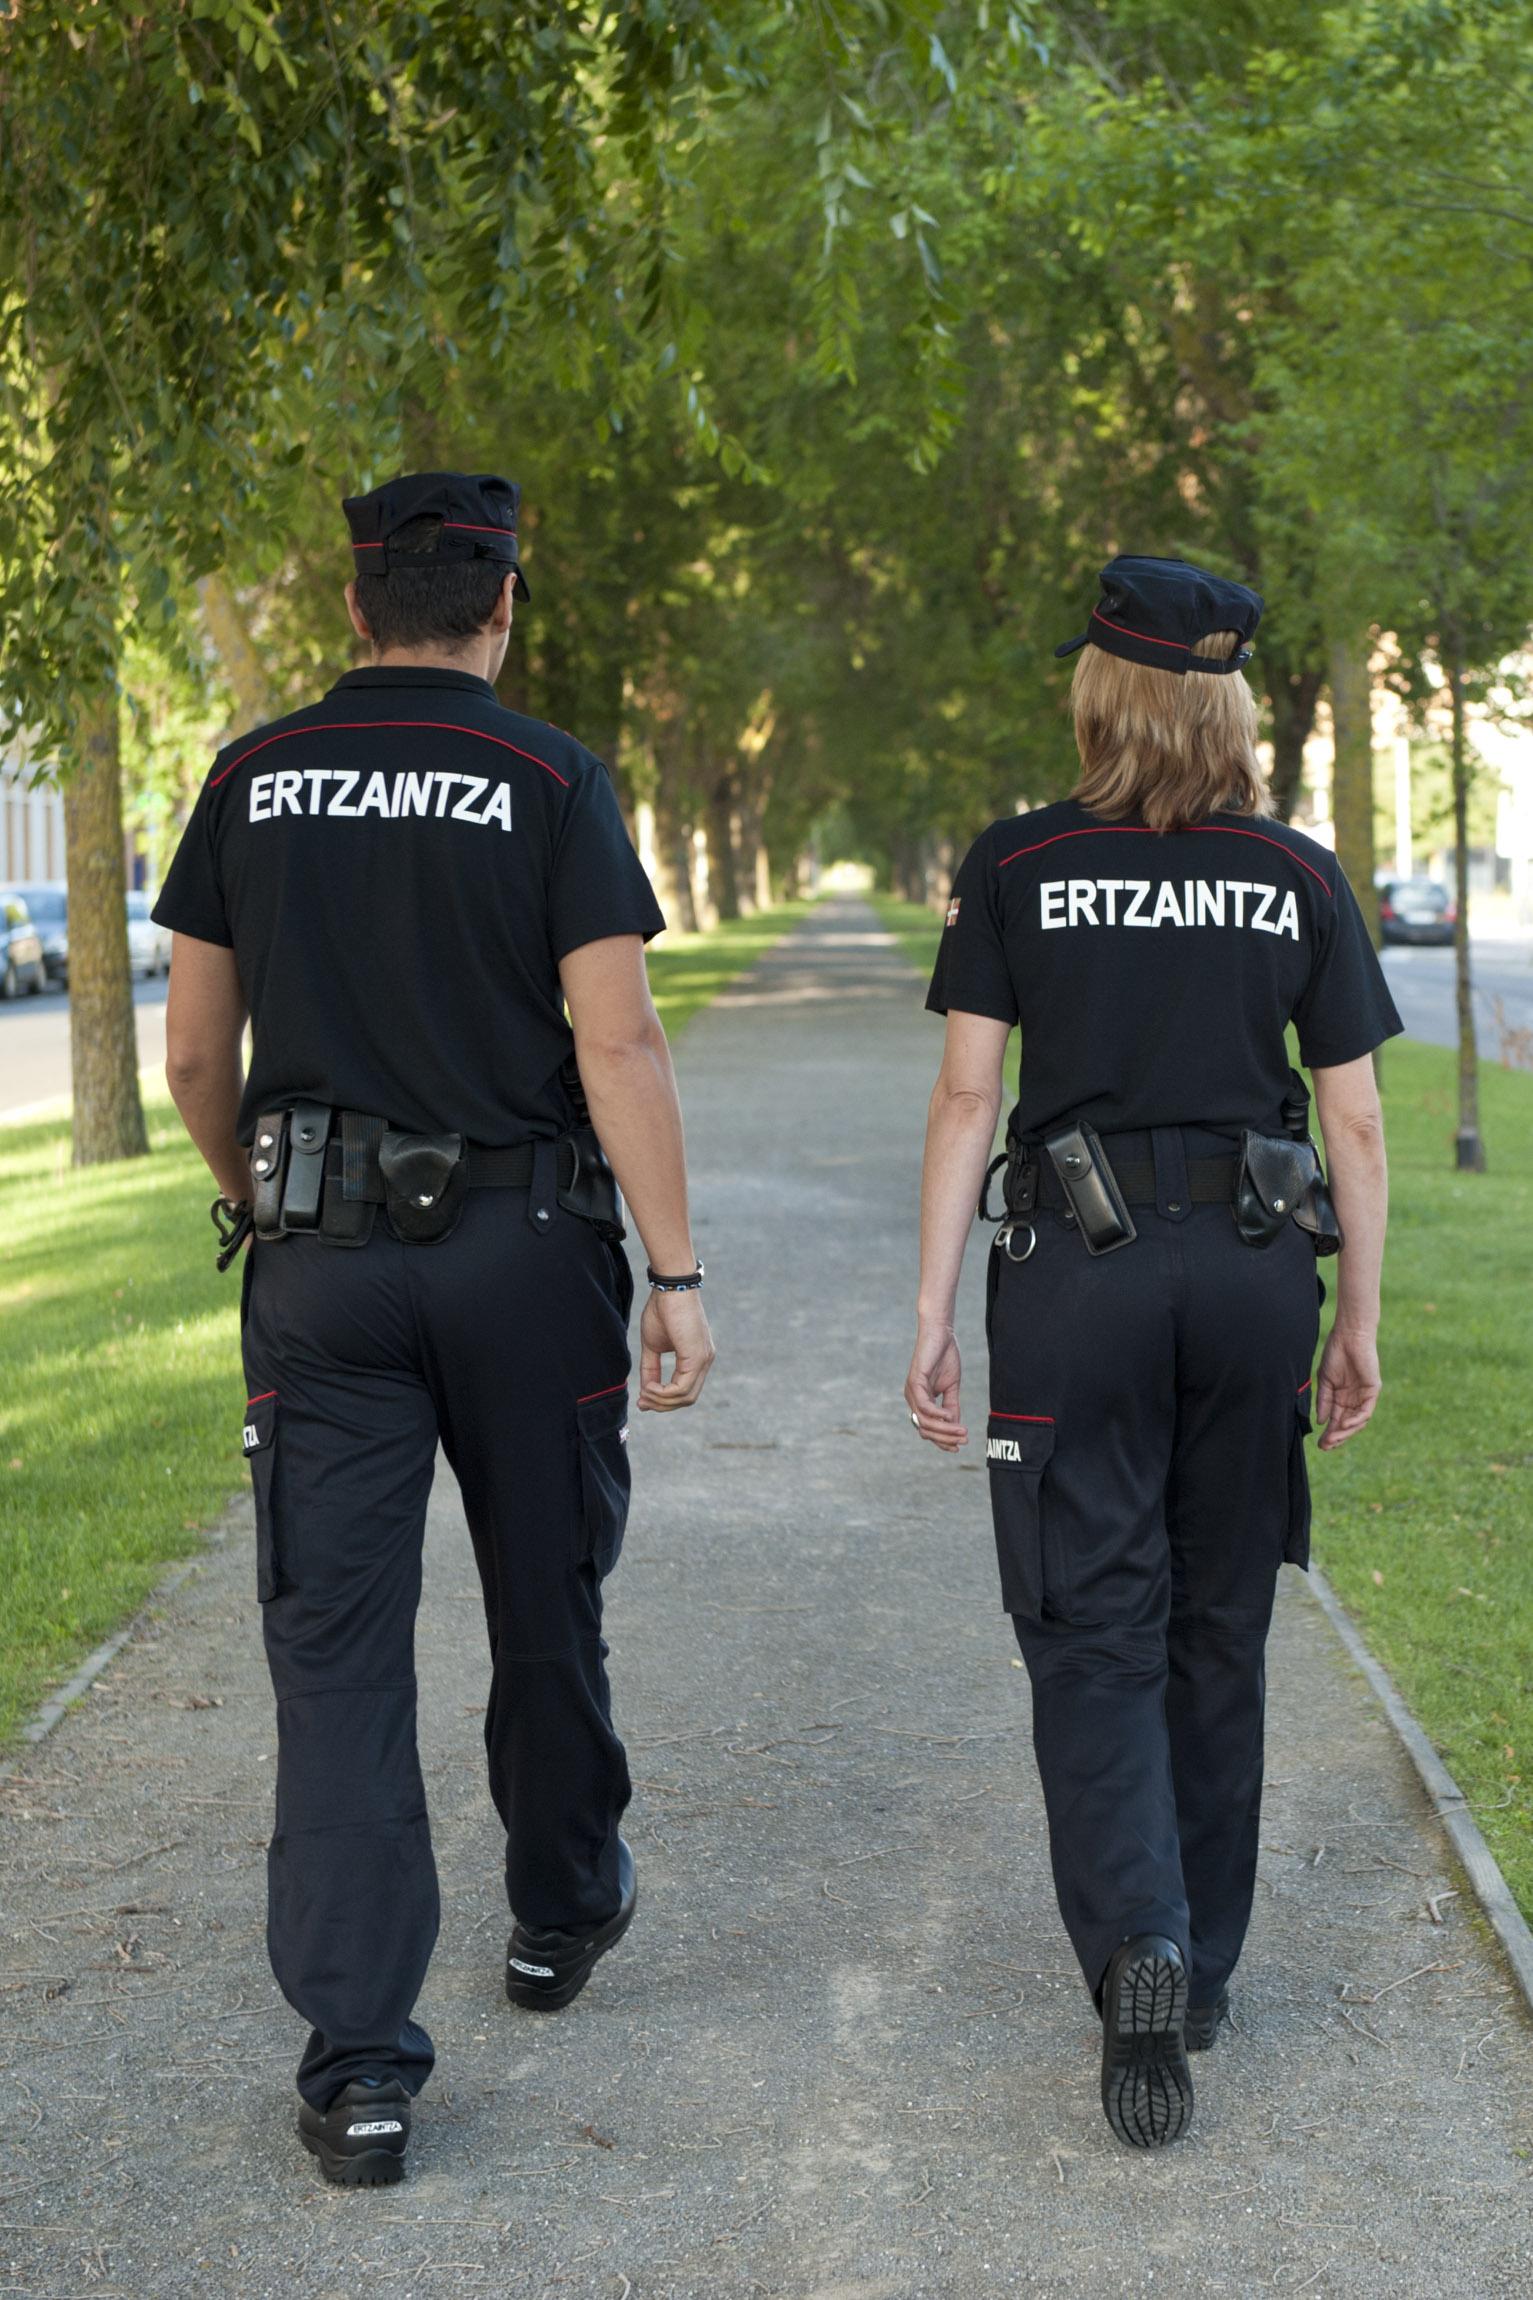 2011_07_23_ertzaintza_uniforme_008.jpg